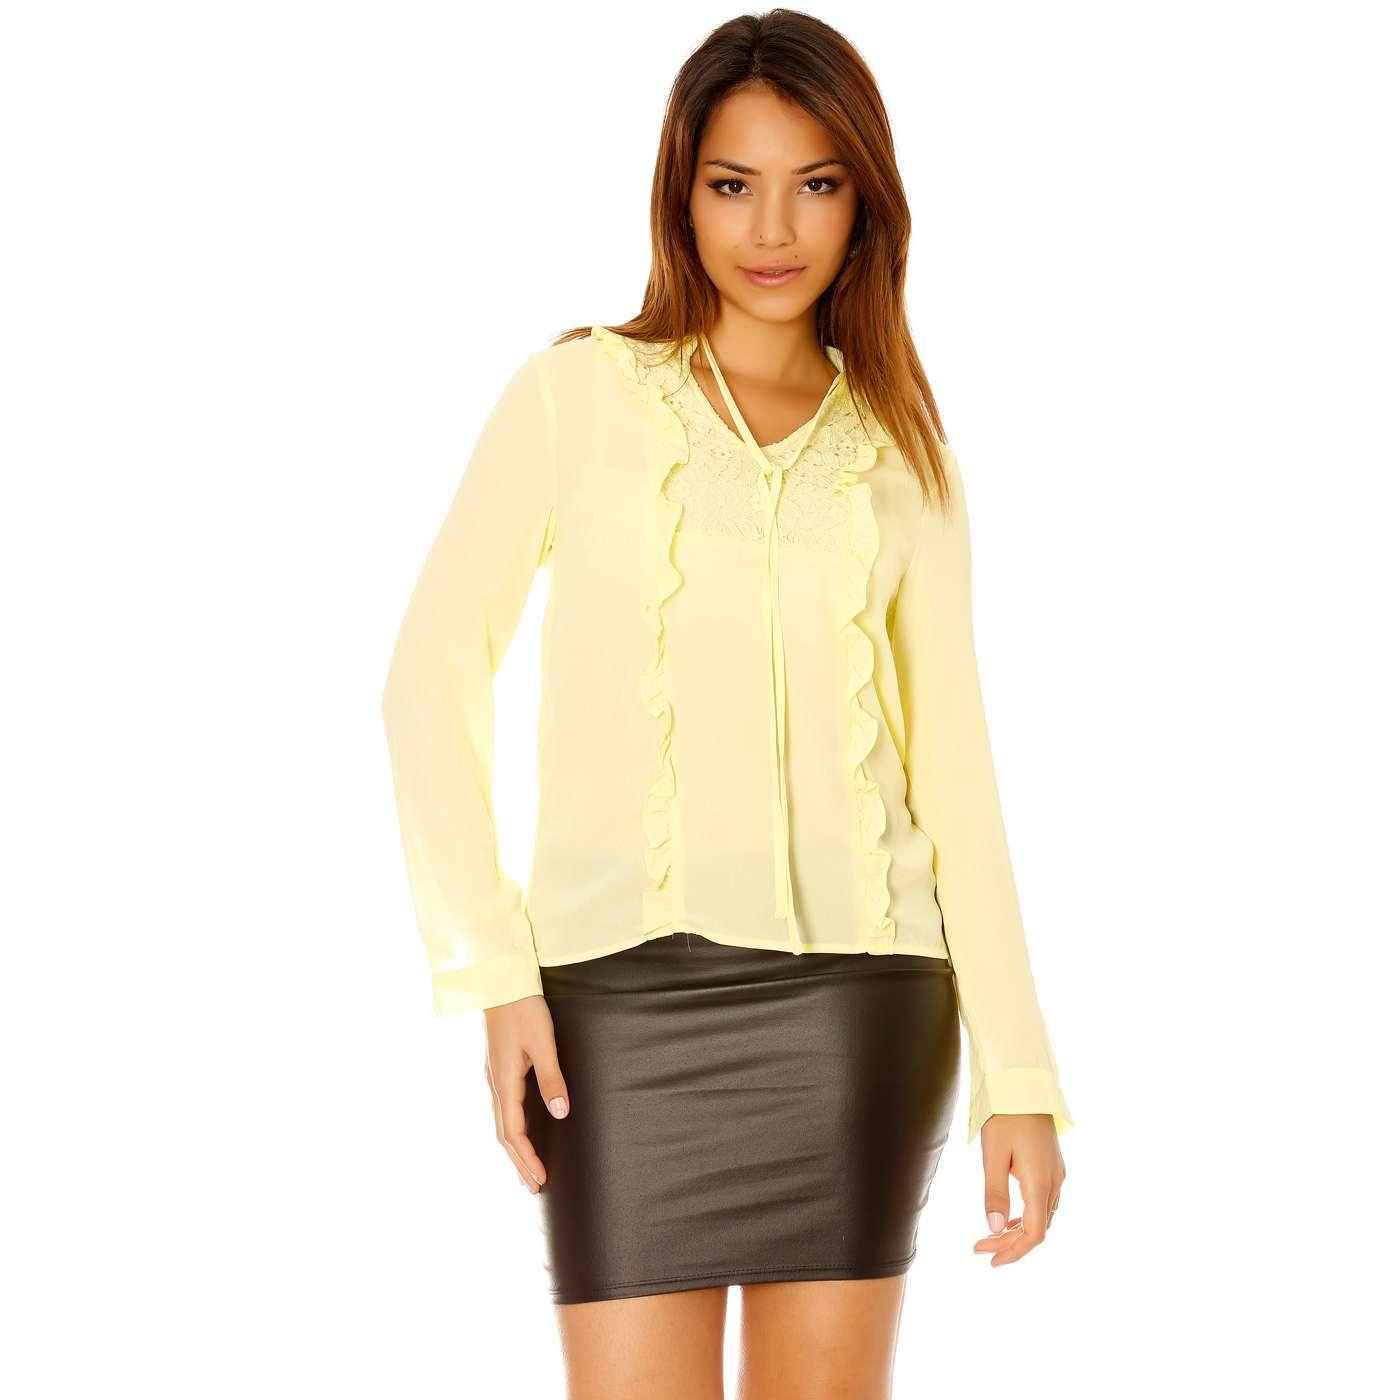 miss wear line haut jaune manche longue dentelle et froufrou. Black Bedroom Furniture Sets. Home Design Ideas